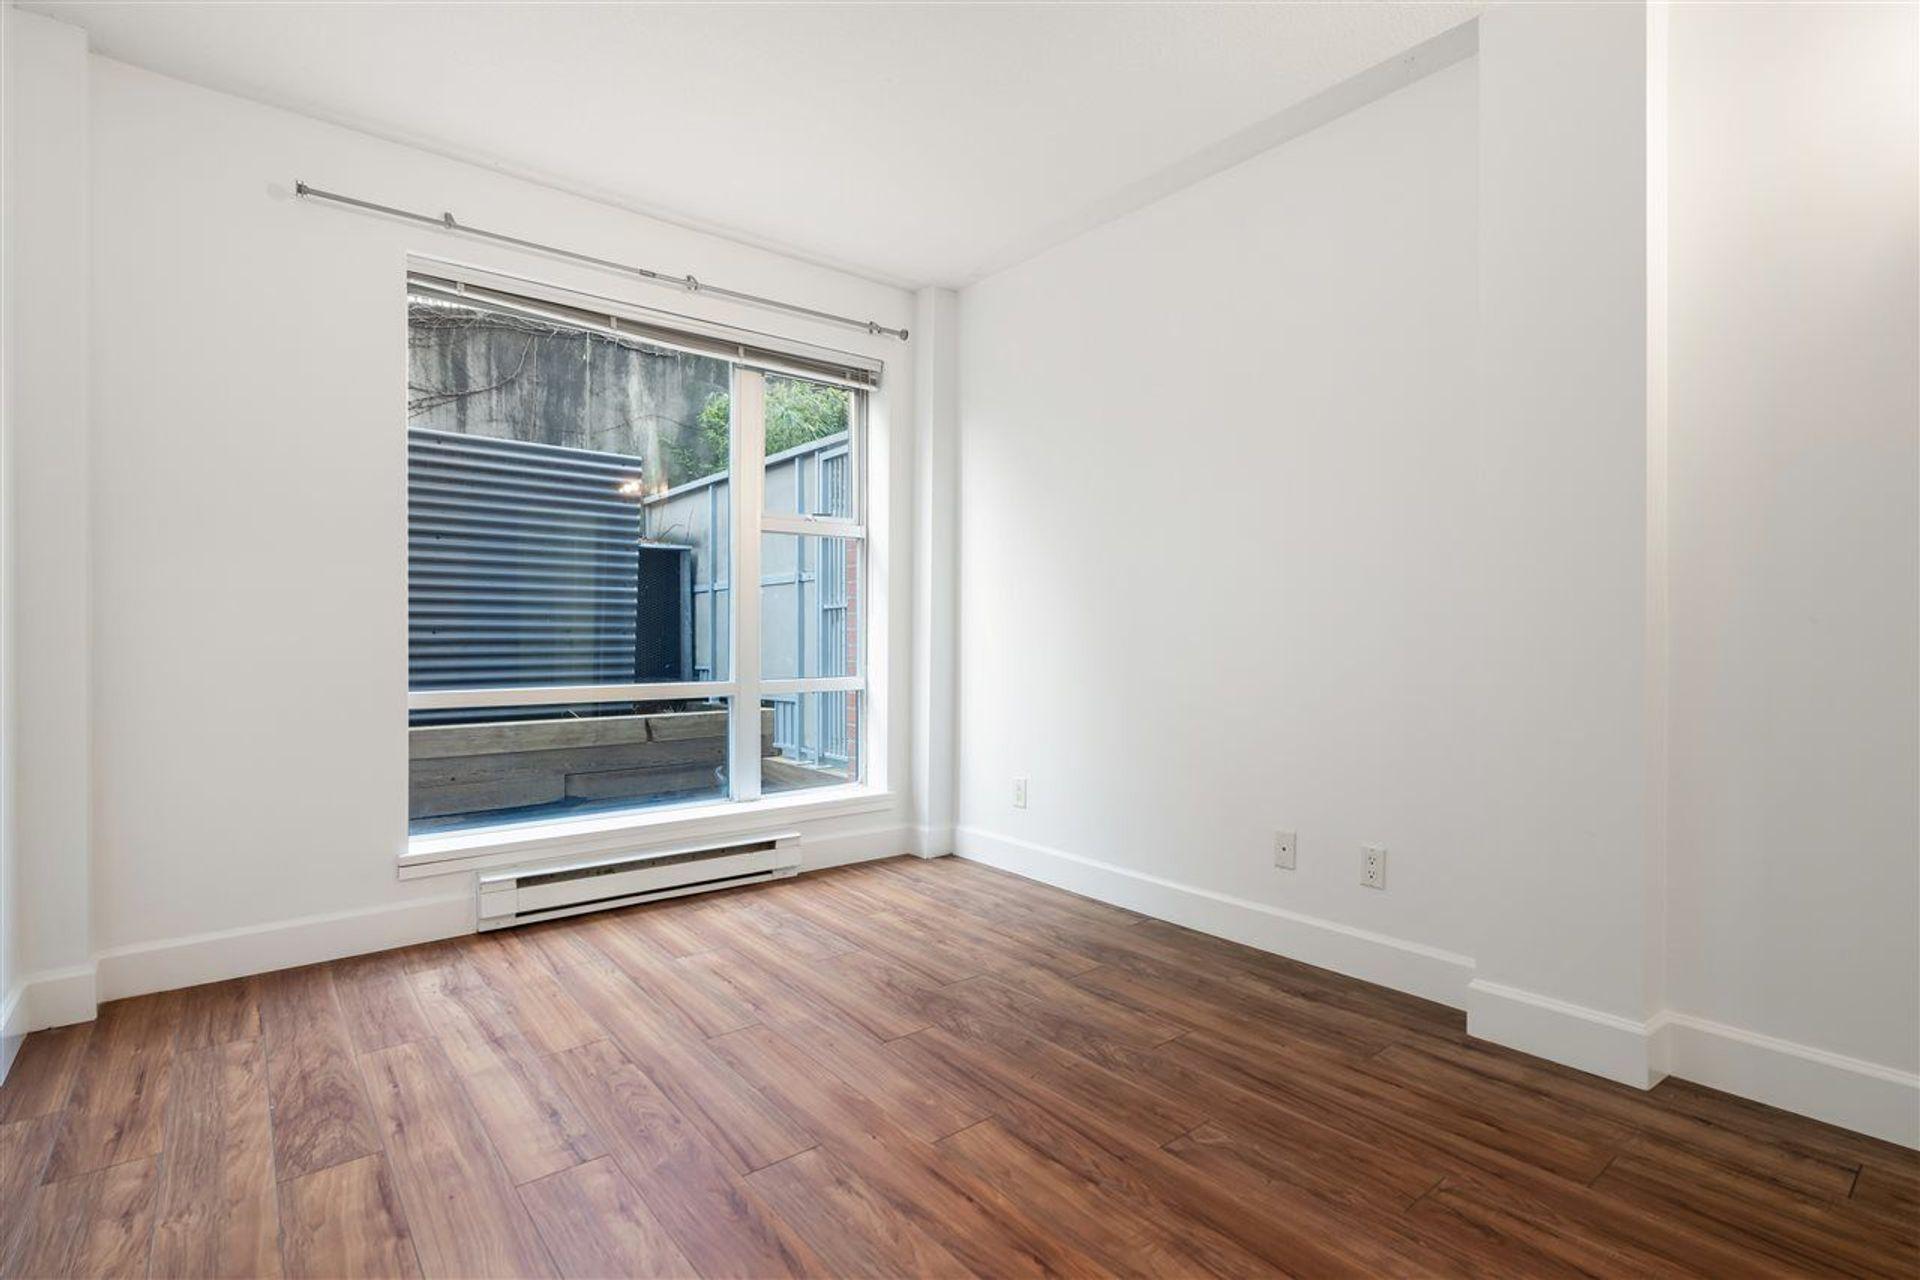 3811-hastings-street-vancouver-heights-burnaby-north-19 at 103 - 3811 Hastings Street, Vancouver Heights, Burnaby North